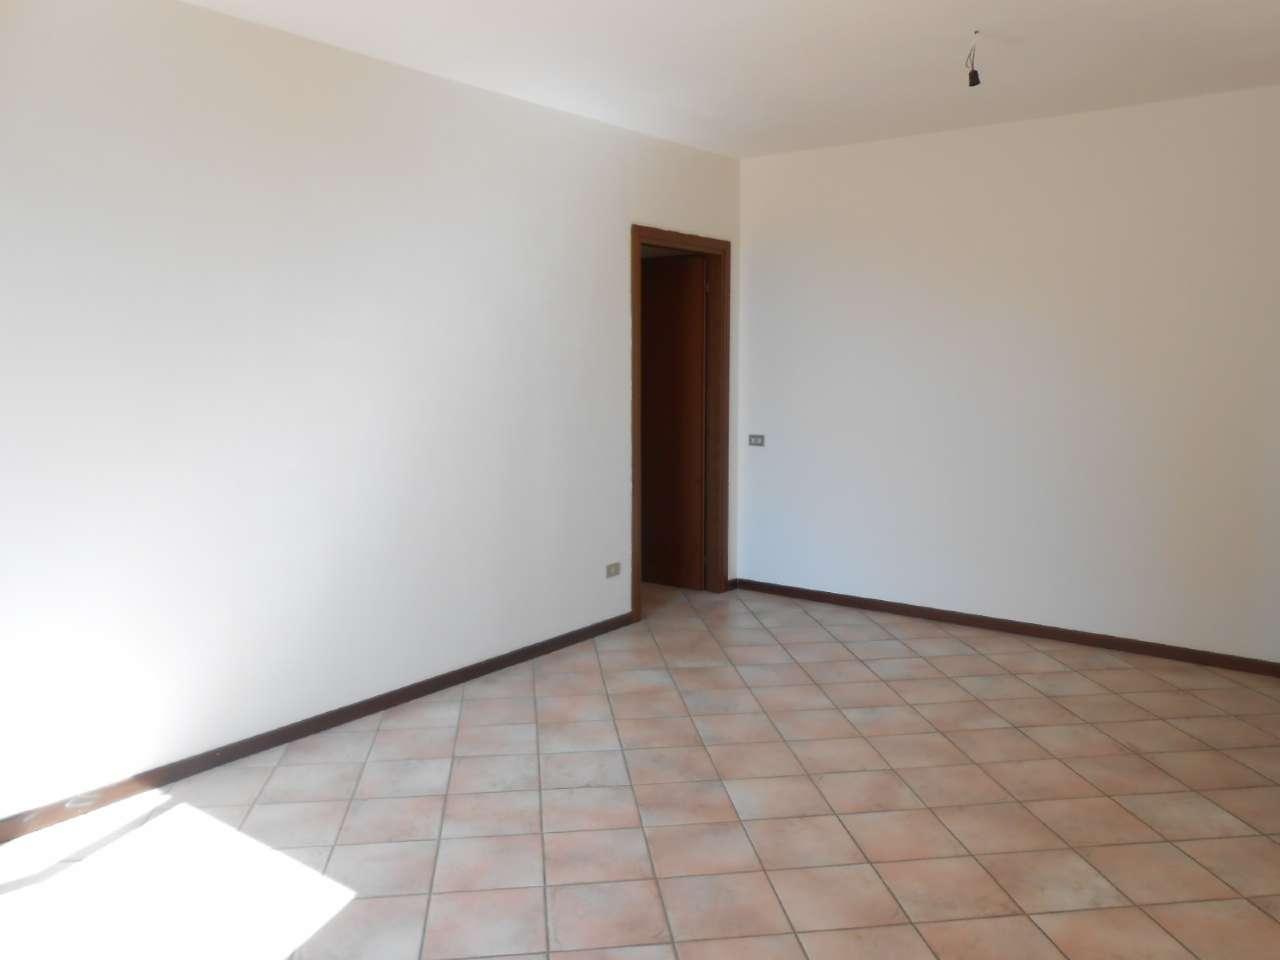 Appartamento in vendita a Bagnolo Cremasco, 3 locali, prezzo € 97.000   PortaleAgenzieImmobiliari.it